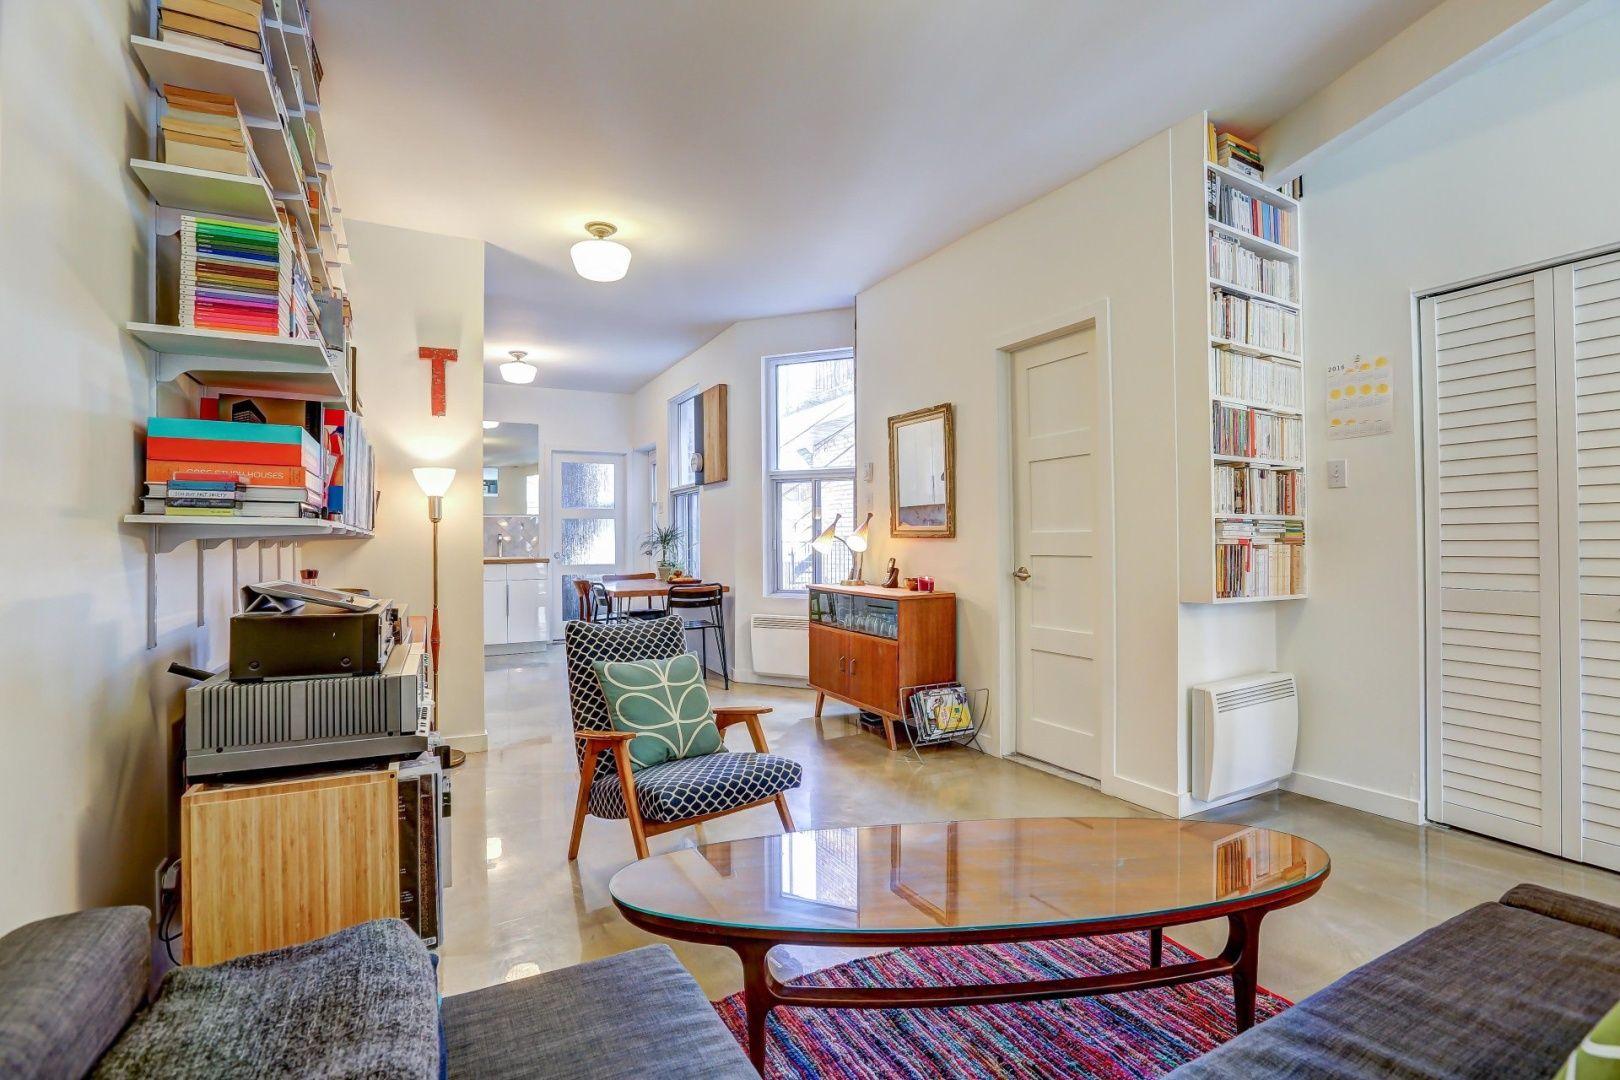 Condo Chalet Ou Maison A Vendre Avec Un Courtier Immobilier Home Remodeling Kitchen Remodel Home Decor